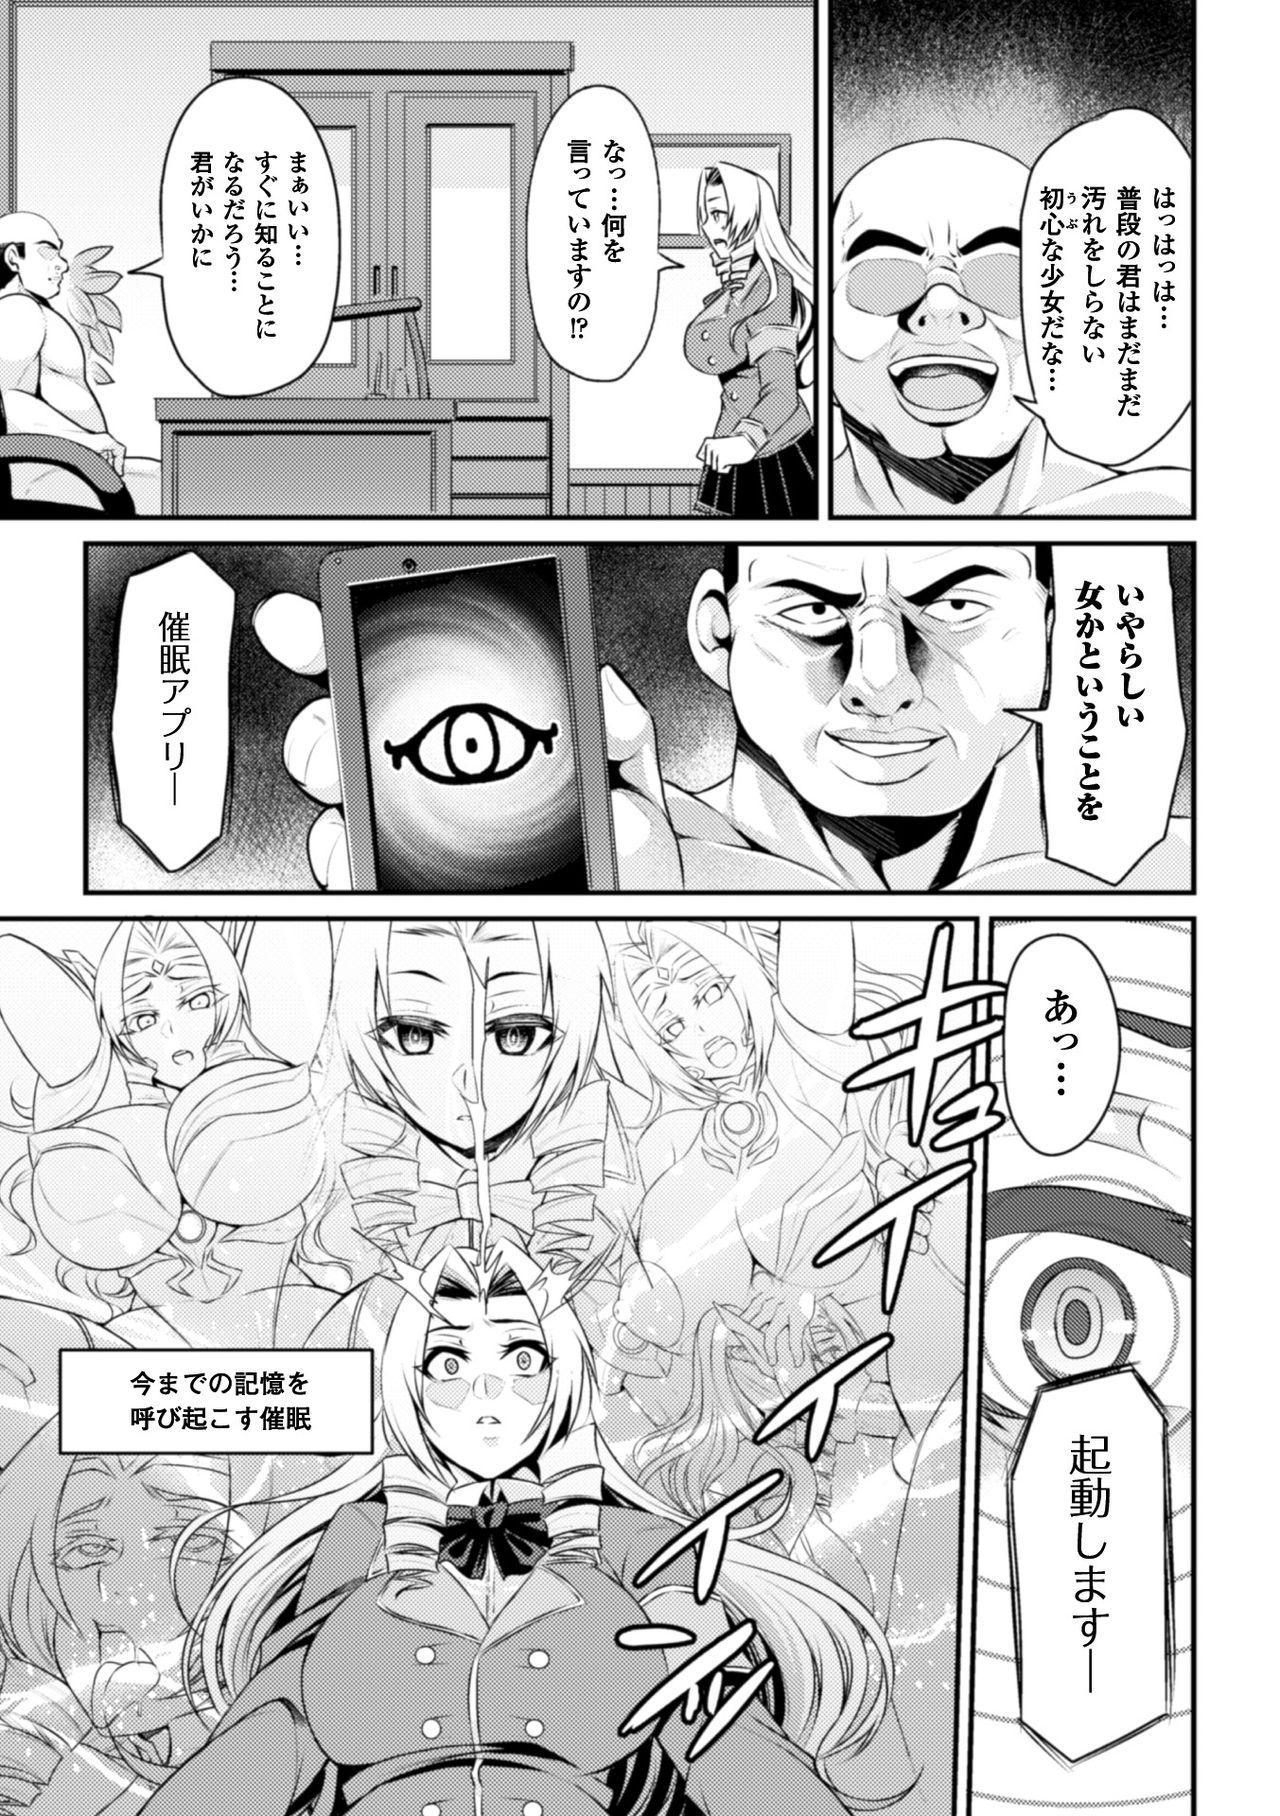 2D Comic Magazine Saimin Appli de Henshin Heroine o Yaritai Houdai! Vol. 1 54